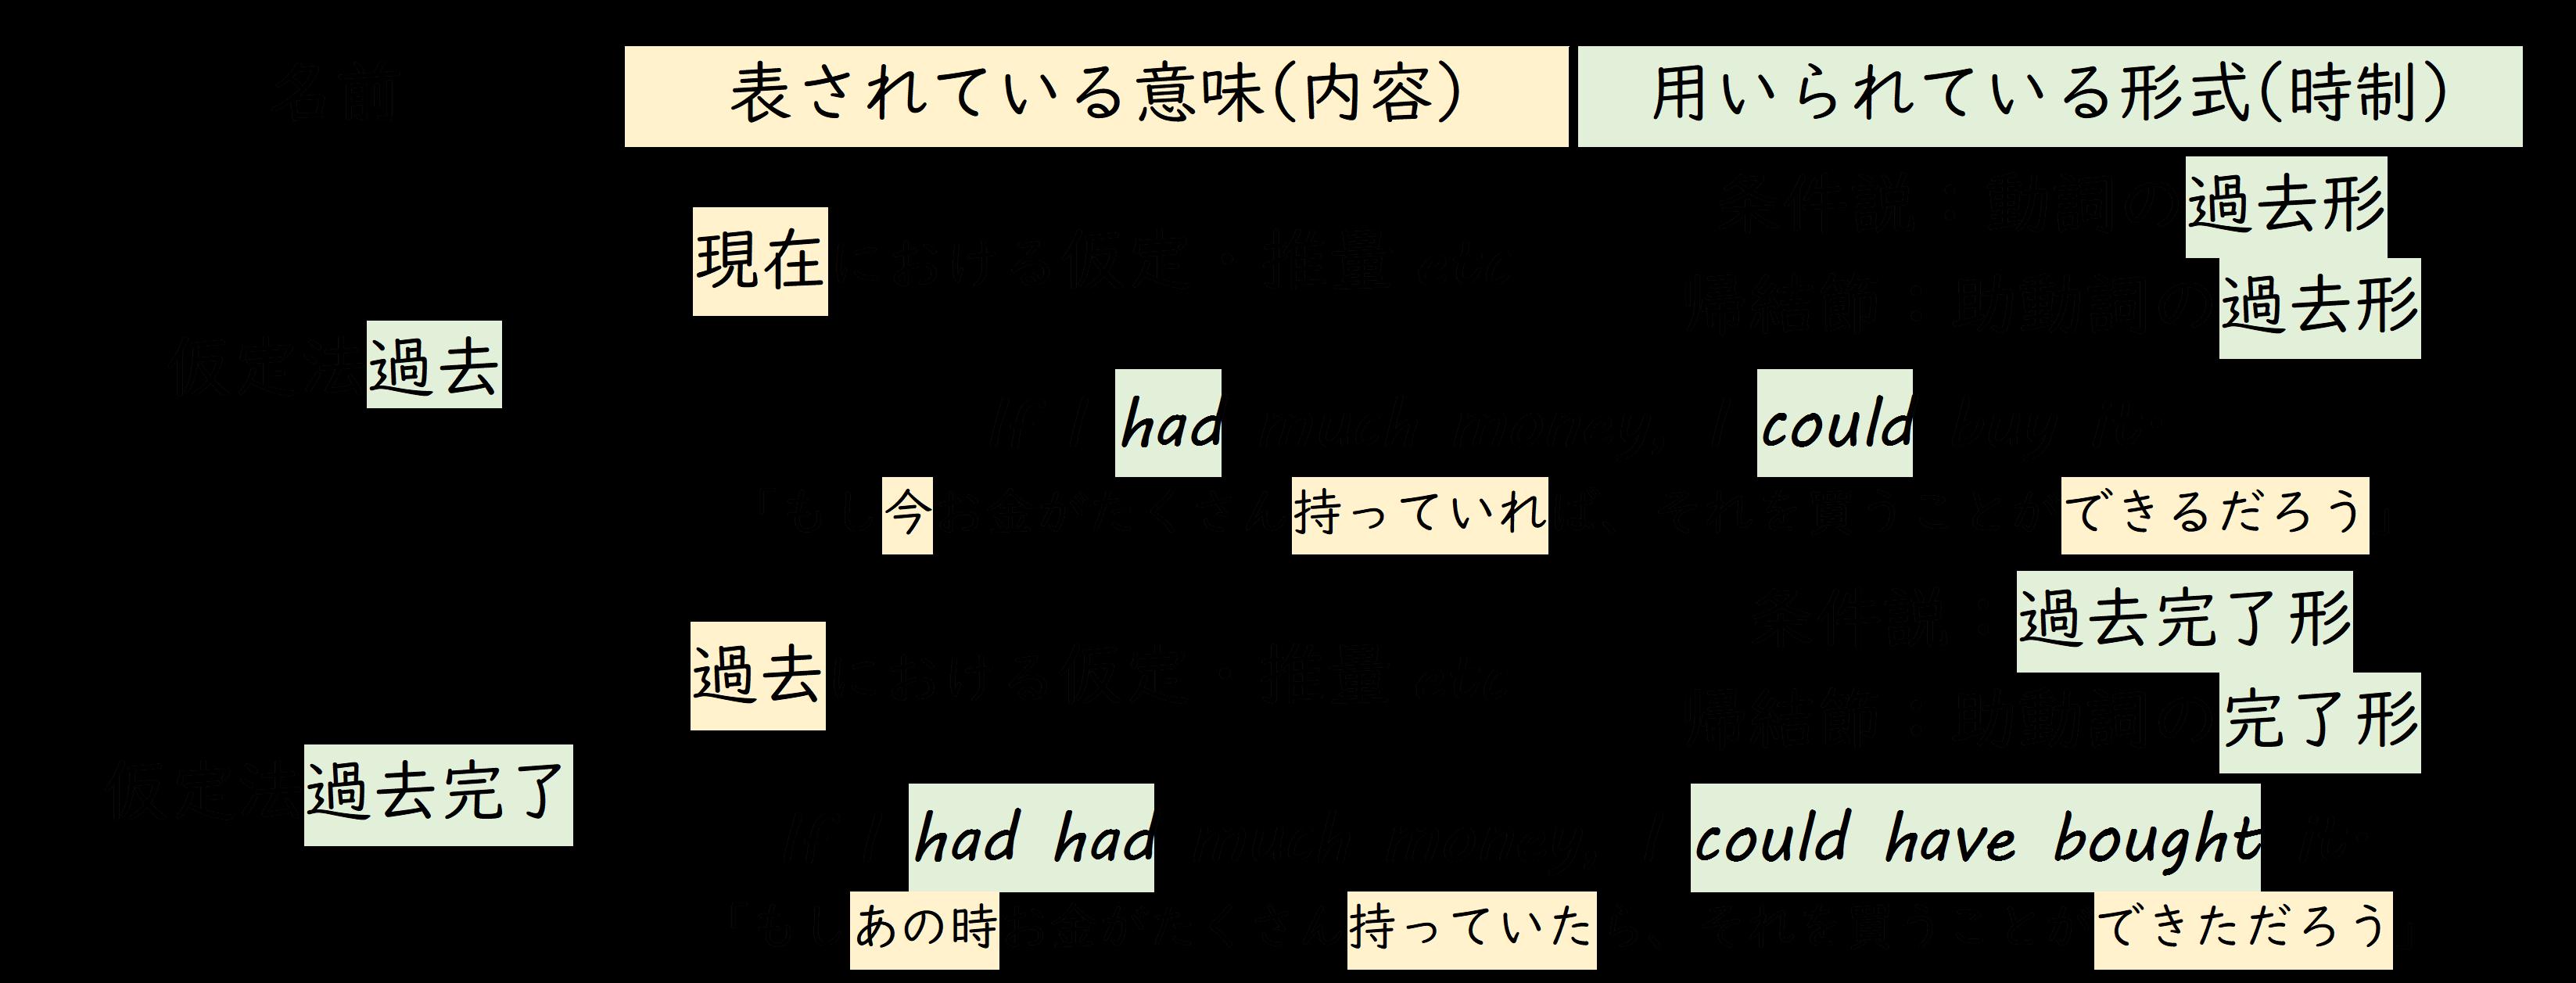 仮定法における意味と形式のズレを理解する事が重要